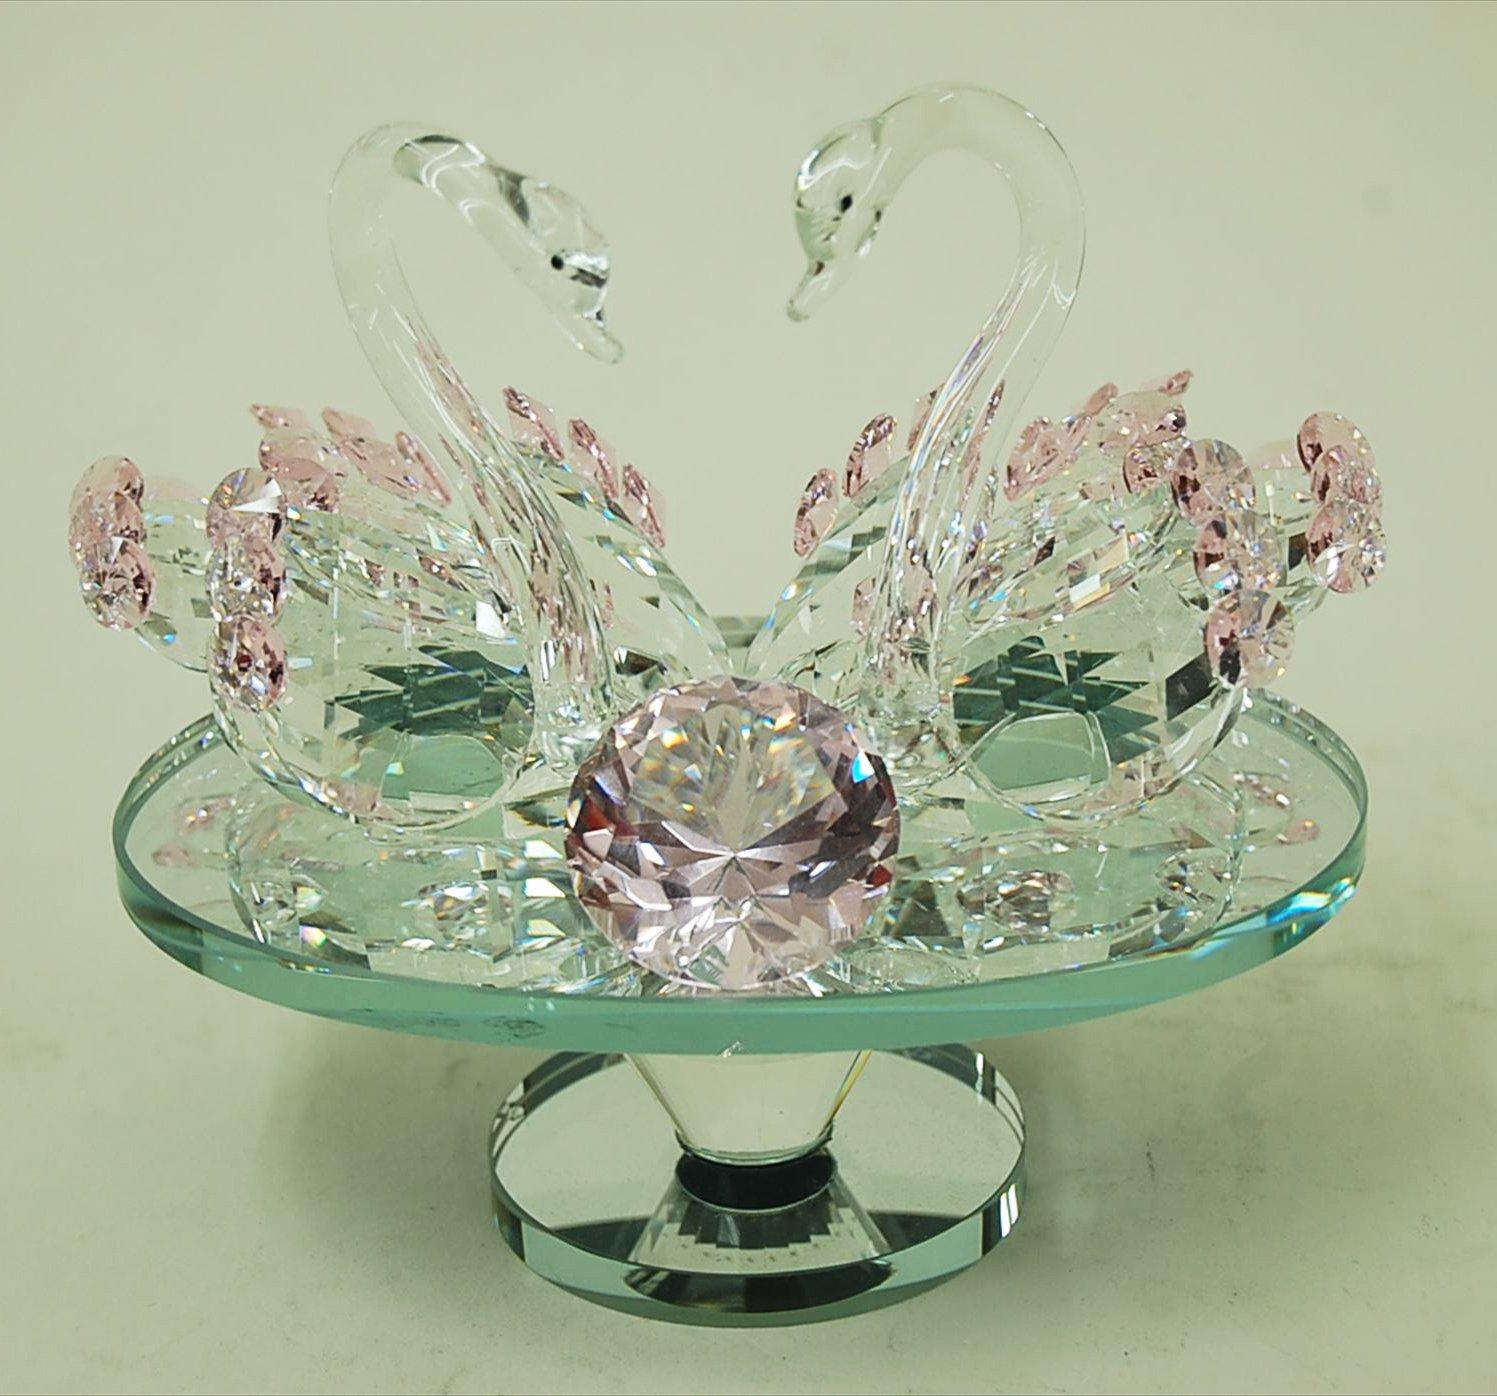 白鳥 スワン ガラス細工 クリスタル インテリア かわいい オブジェ 置物 おしゃれ B07D1YN6RF